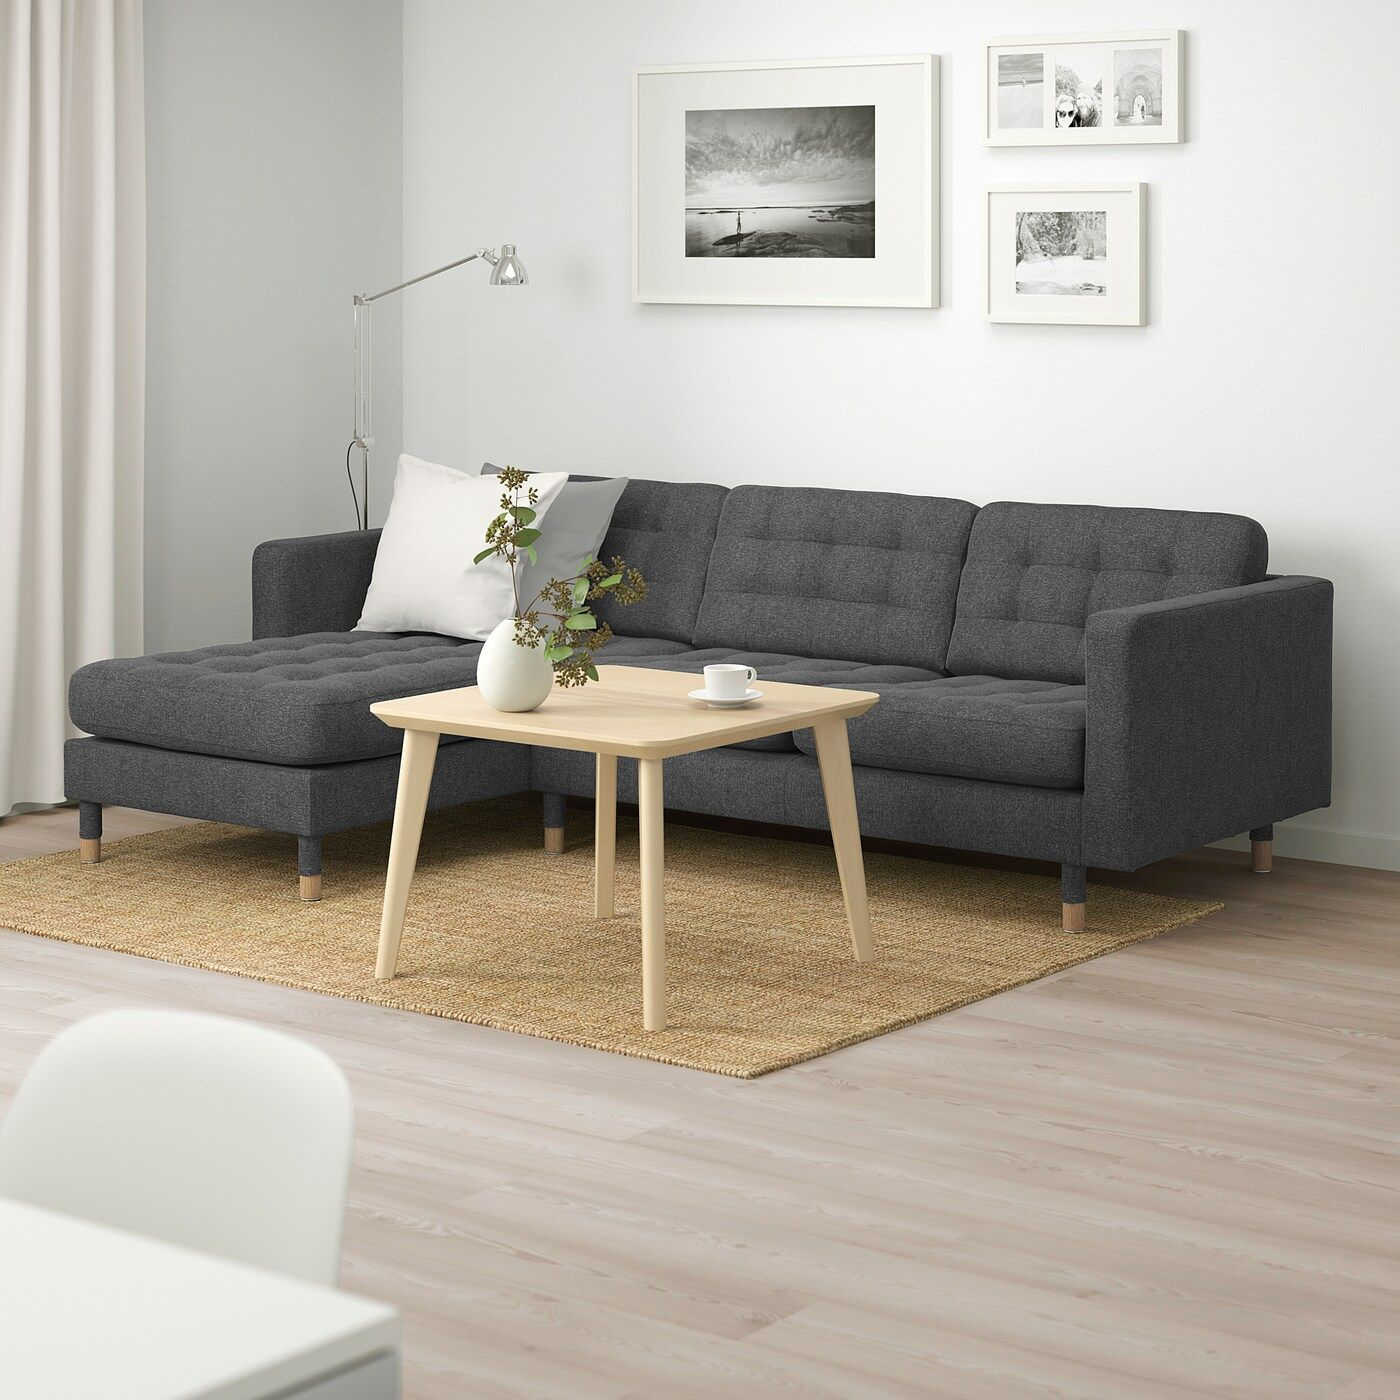 Landskrona 3er Sofa Mit Recamiere Gunnared Dunkelgrau Holz 3er Sofa Sofa Stoff Und Recamiere